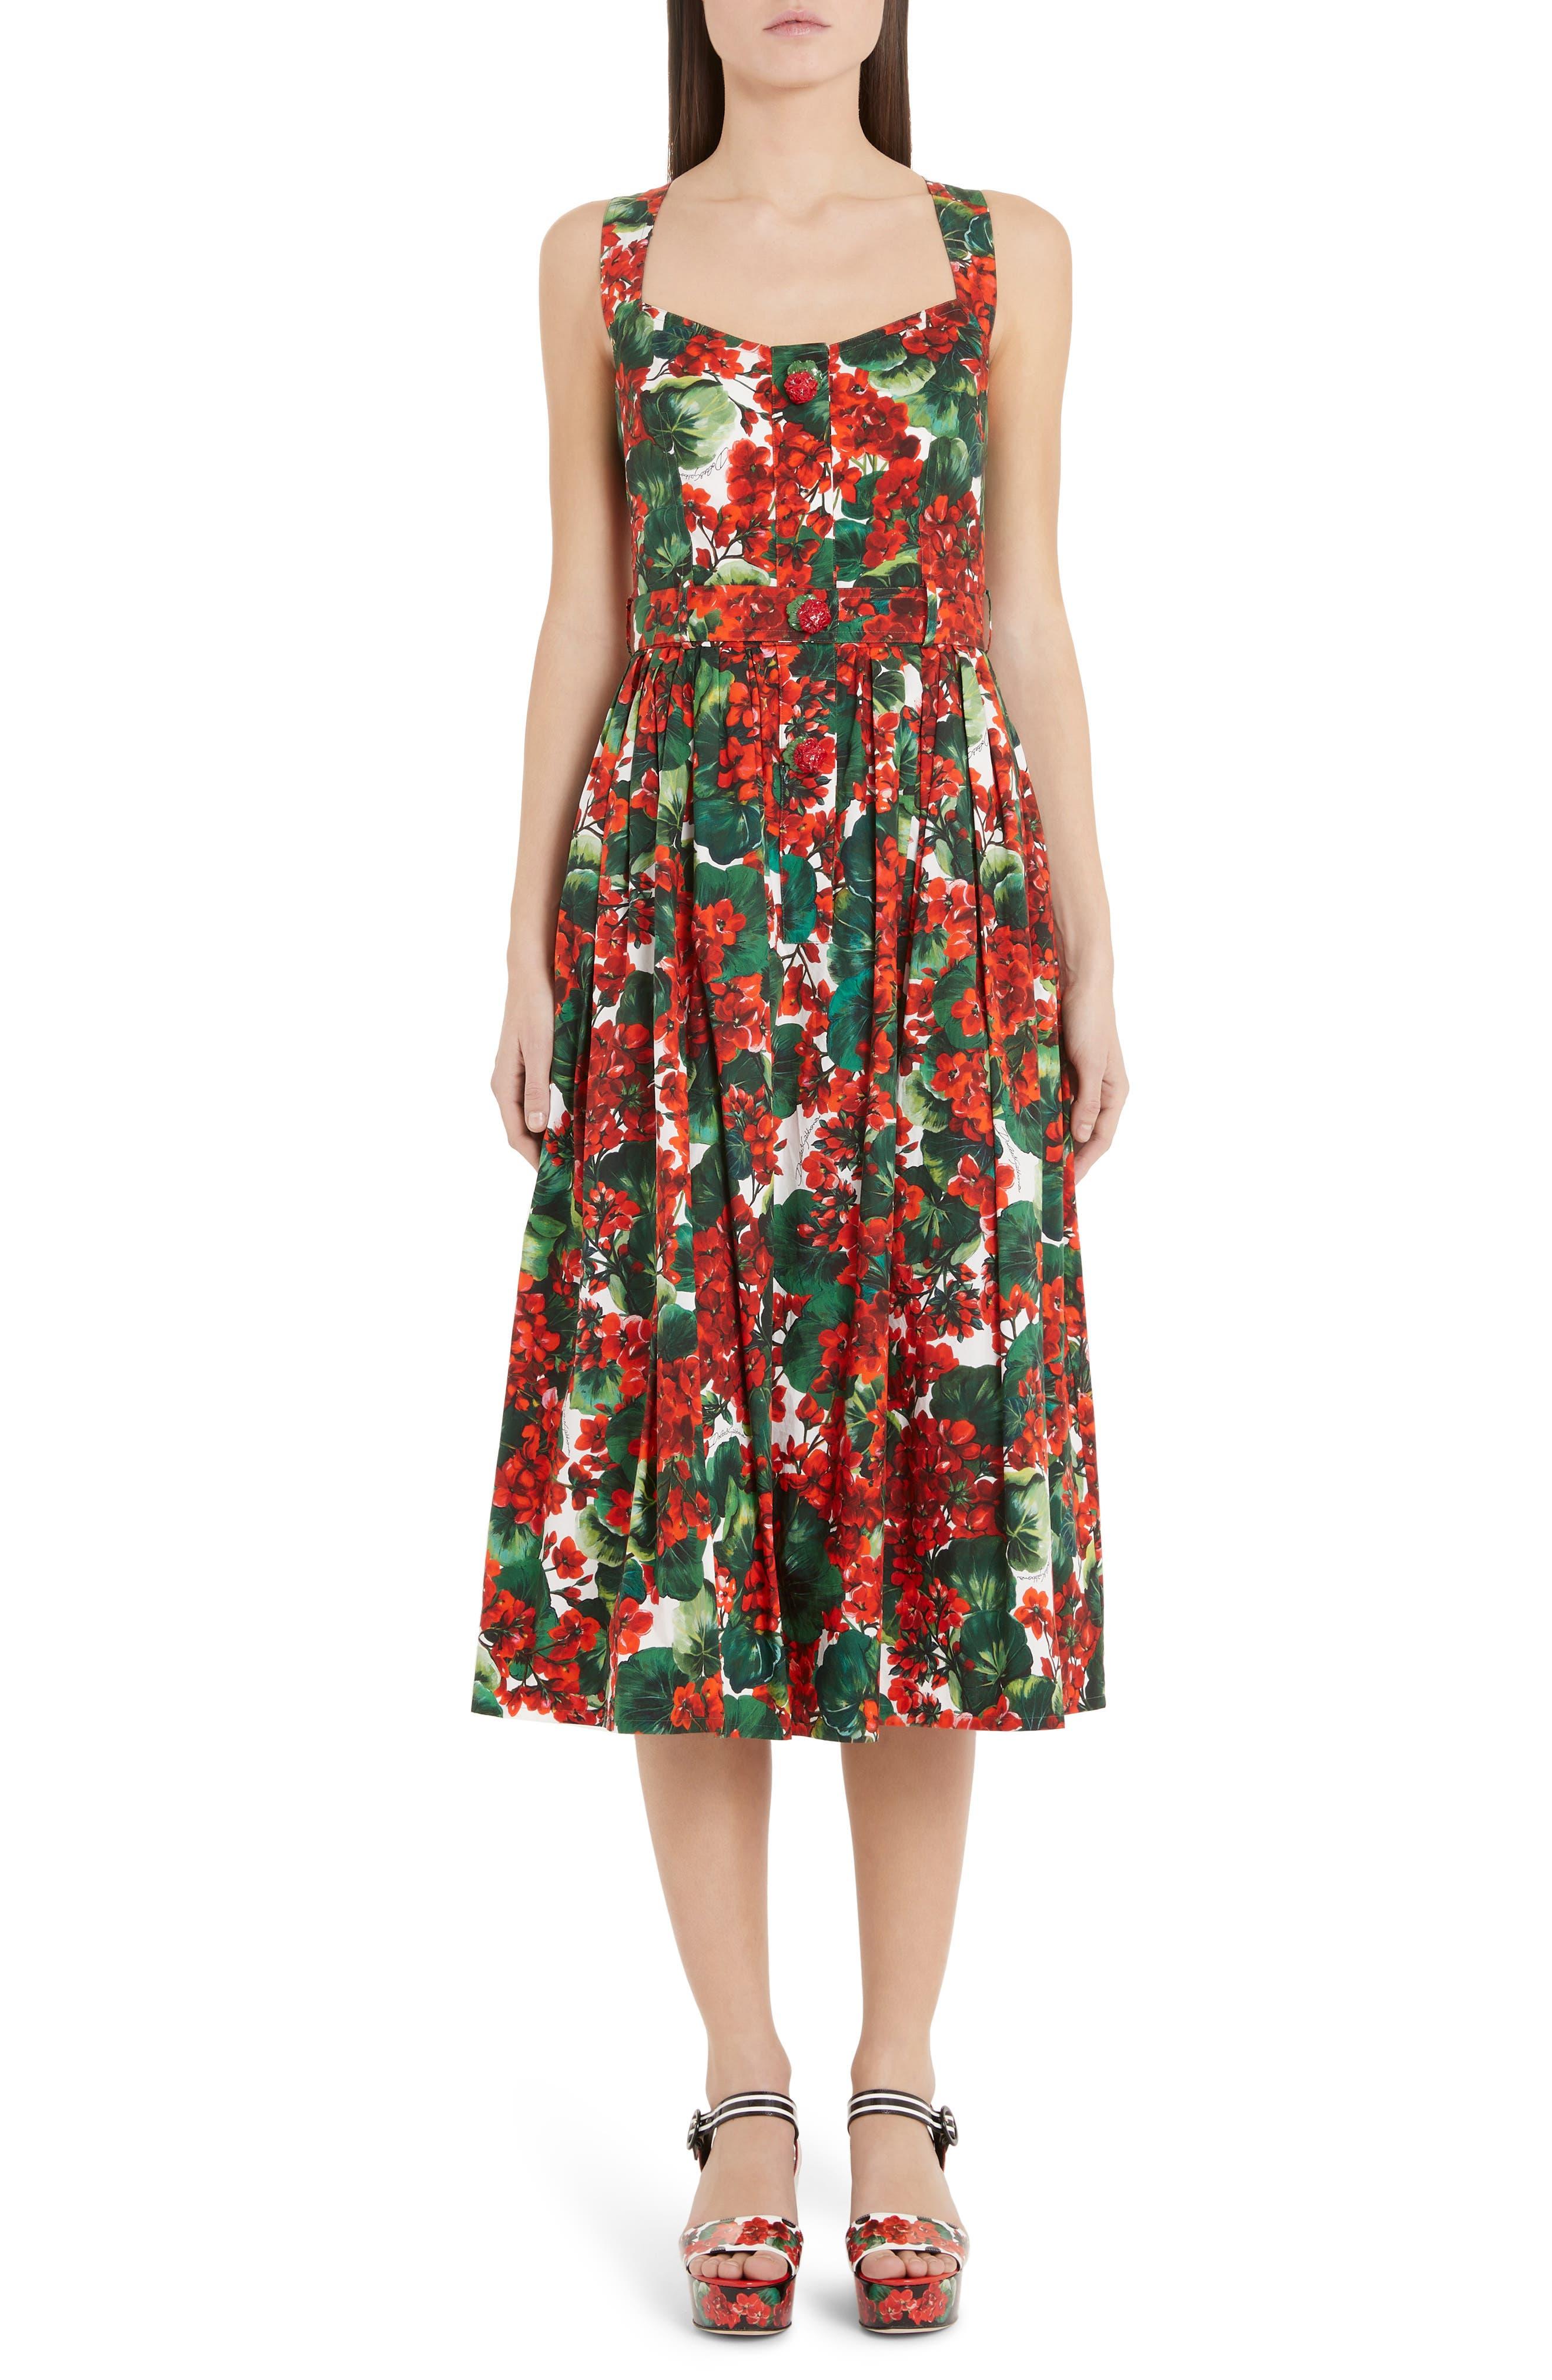 Dolce & gabbana Geranium Print Midi Dress, 8 IT - Red